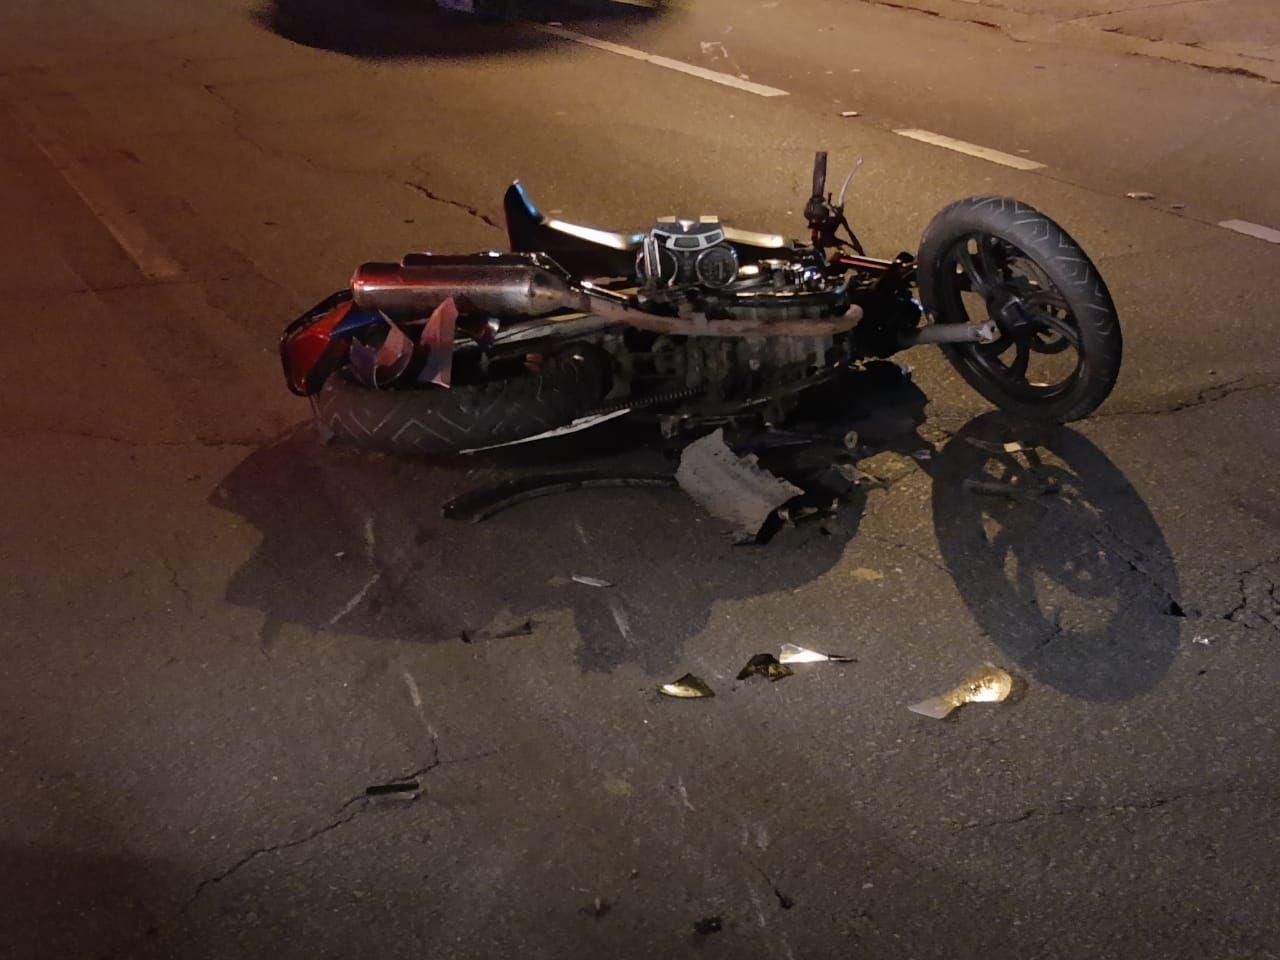 Caminhonete atropela cinco após acidente com moto em Pindamonhangaba